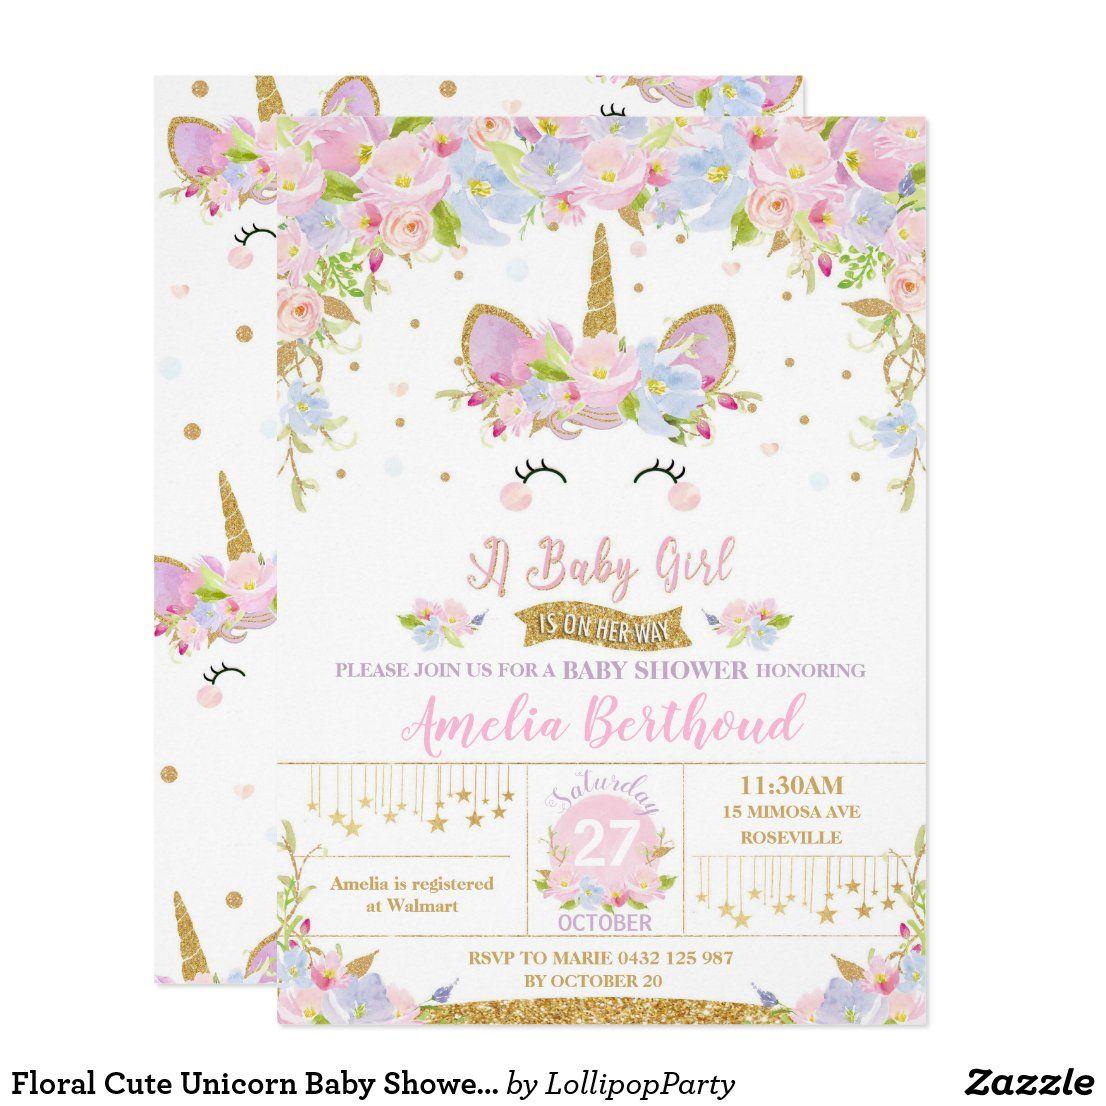 Floral Cute Unicorn Baby Shower Invitation Girl Zazzle